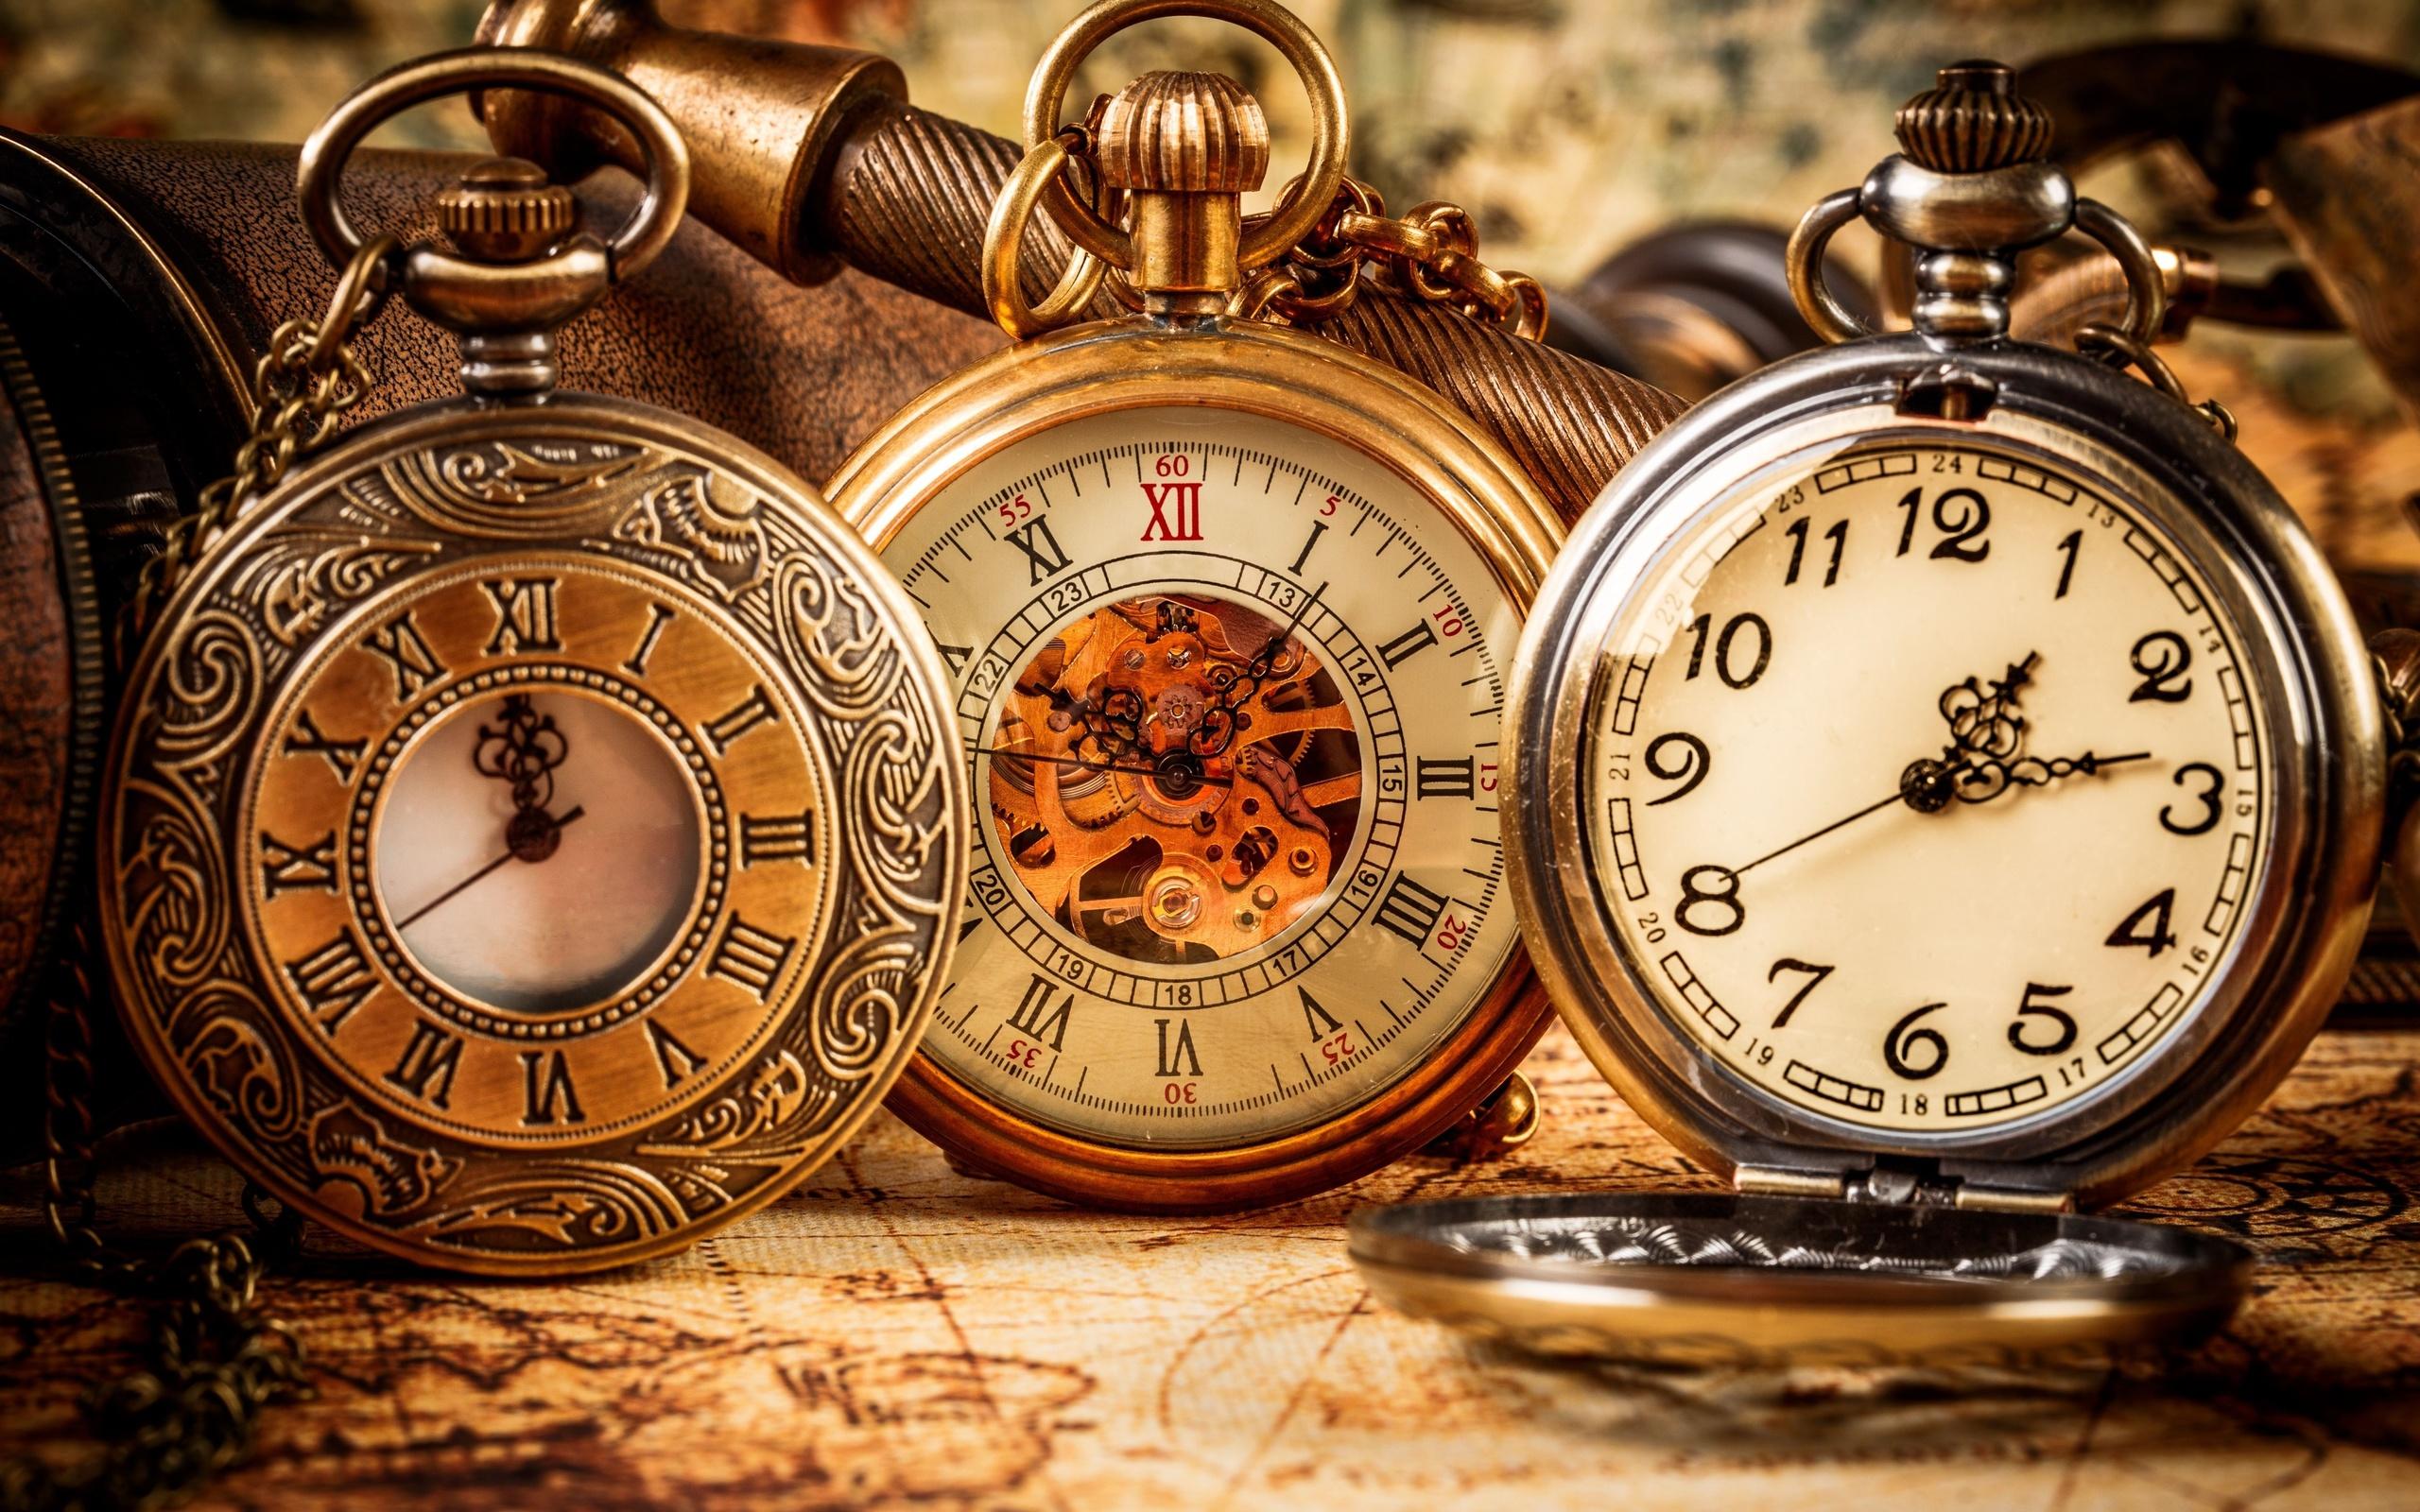 Поскольку часы символизируют время и жизнь, считается, что сделав такой подарок, вы уменьшаете жизнь человека, которому его дарите.